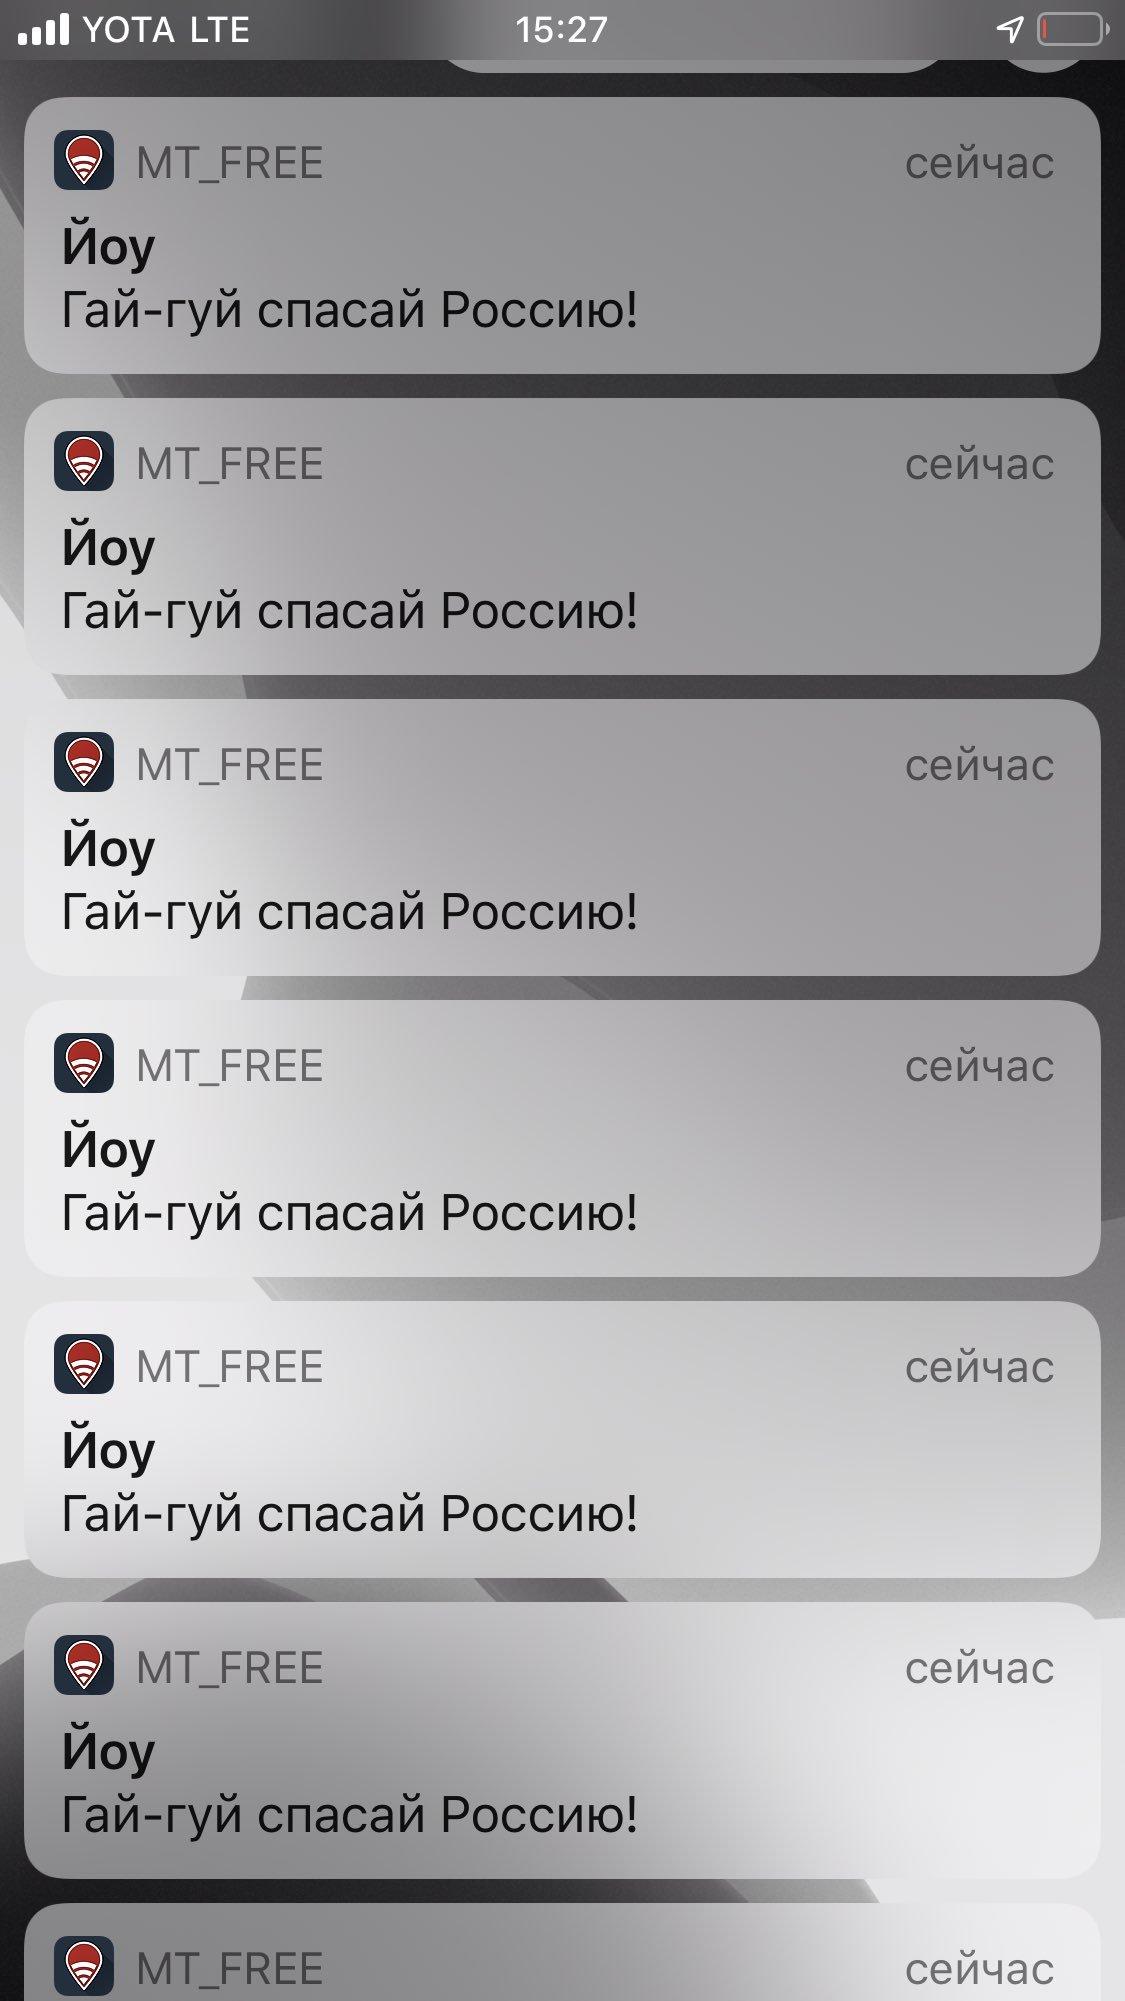 Wi-Fi в метро Москвы и Санкт-Петербурга призвал спасать Россию (3 фото)